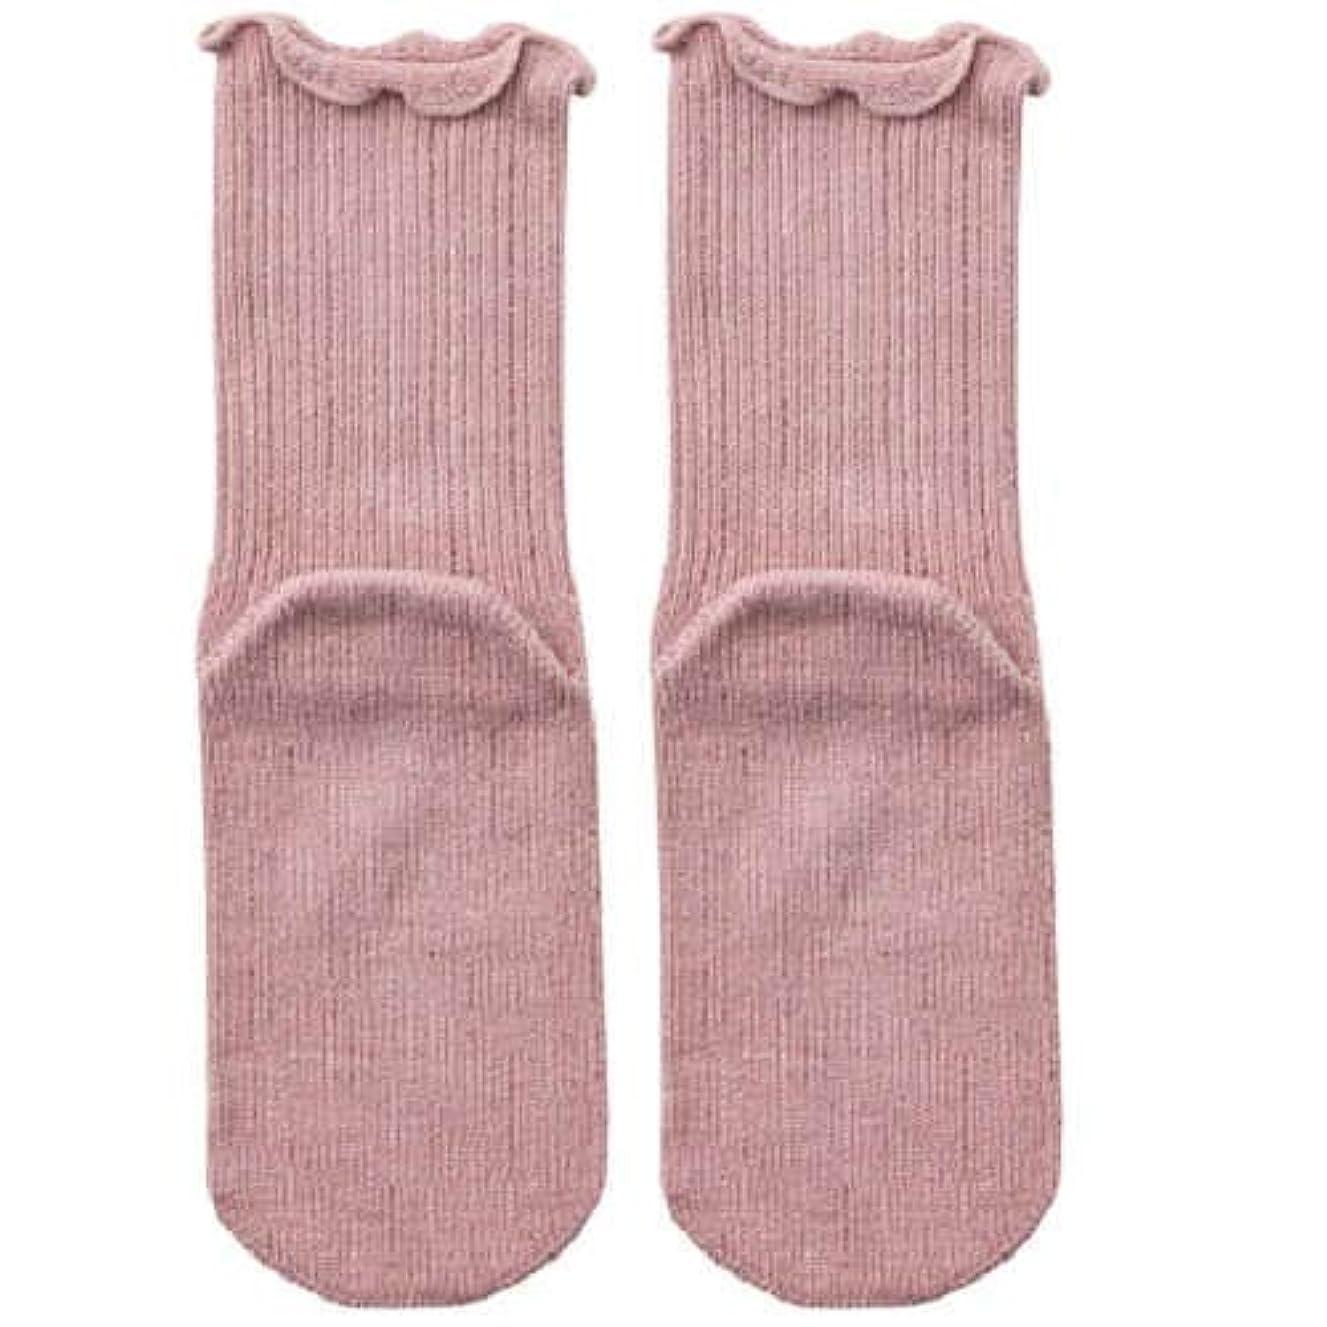 シプリー系統的取り組む【むくみ】【骨折】 男女兼用 極上しめつけません 特大サイズ 靴下 (ローズ)